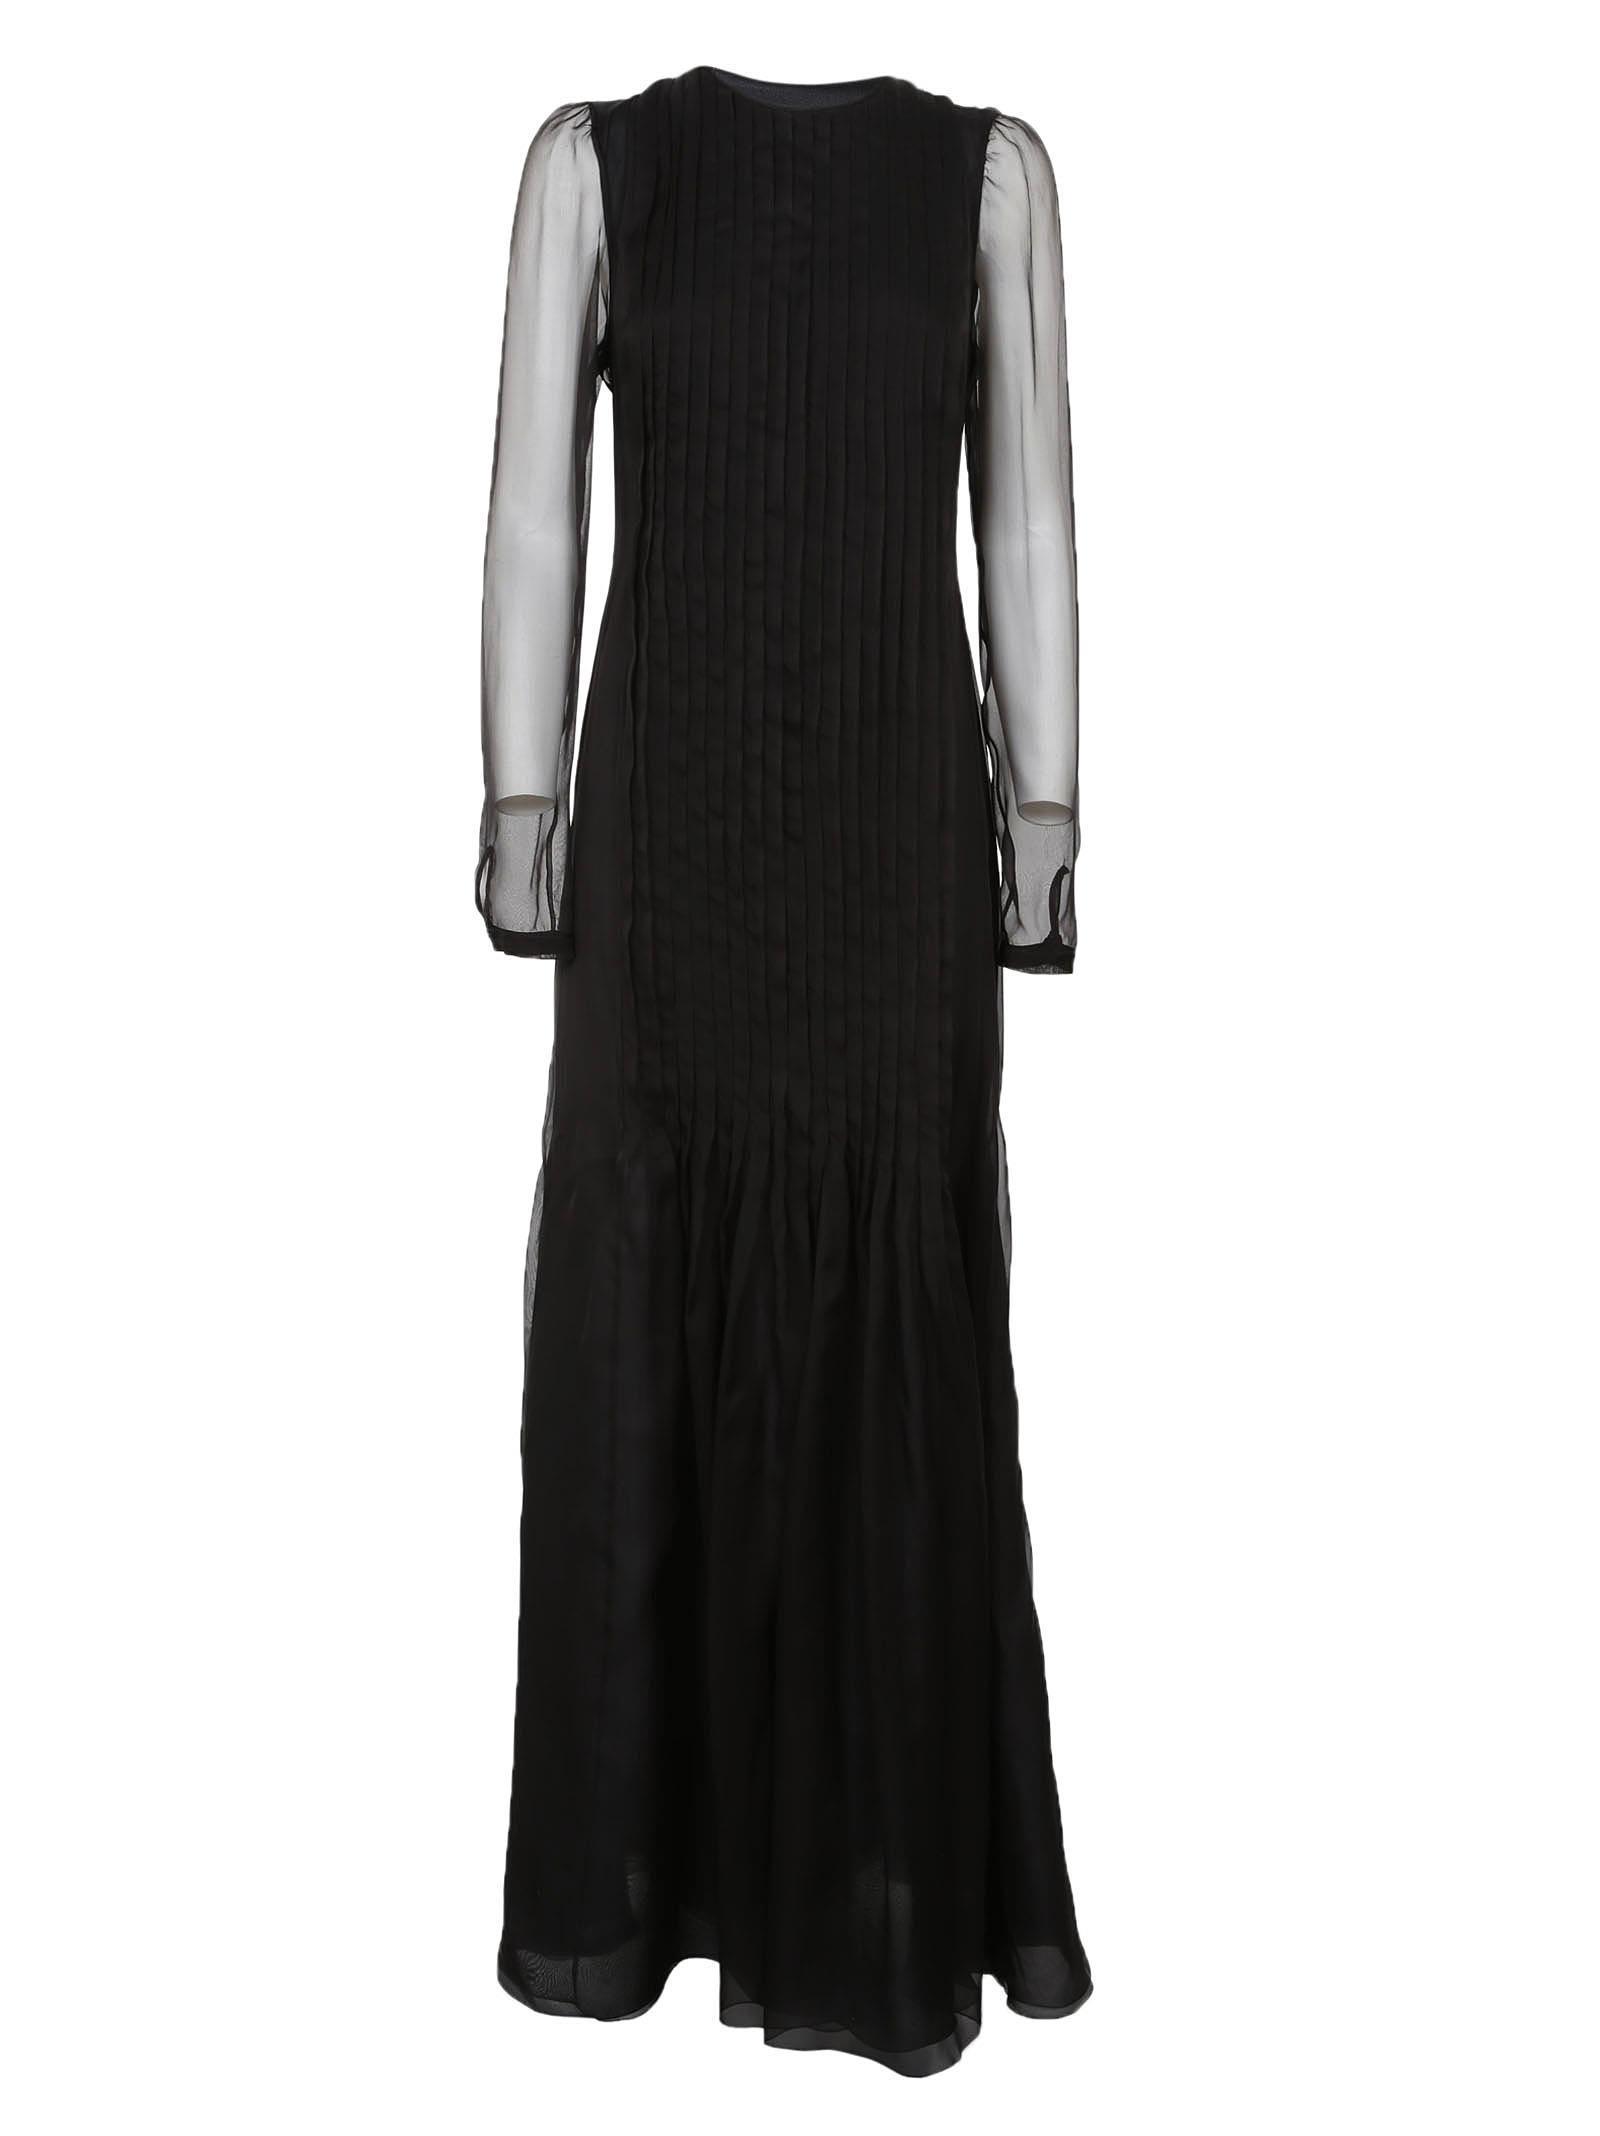 Rochas Sheer Panel Dress